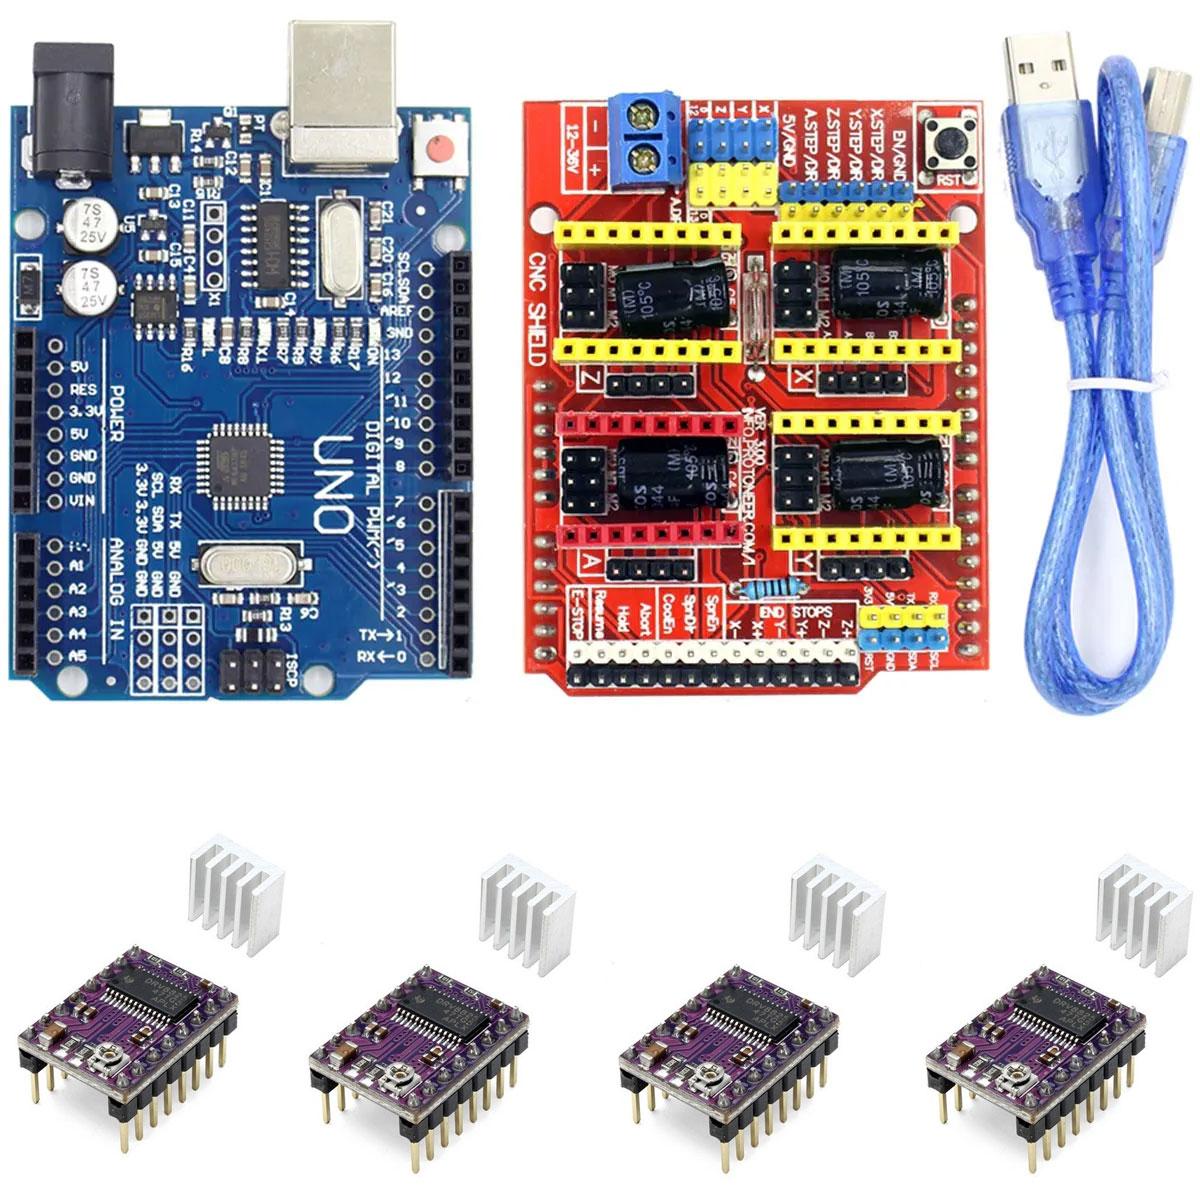 Kit Placa Uno SMD com Cabo para Arduino + Shield Cnc + 4x Drivers DRV8825 e Dissipadores